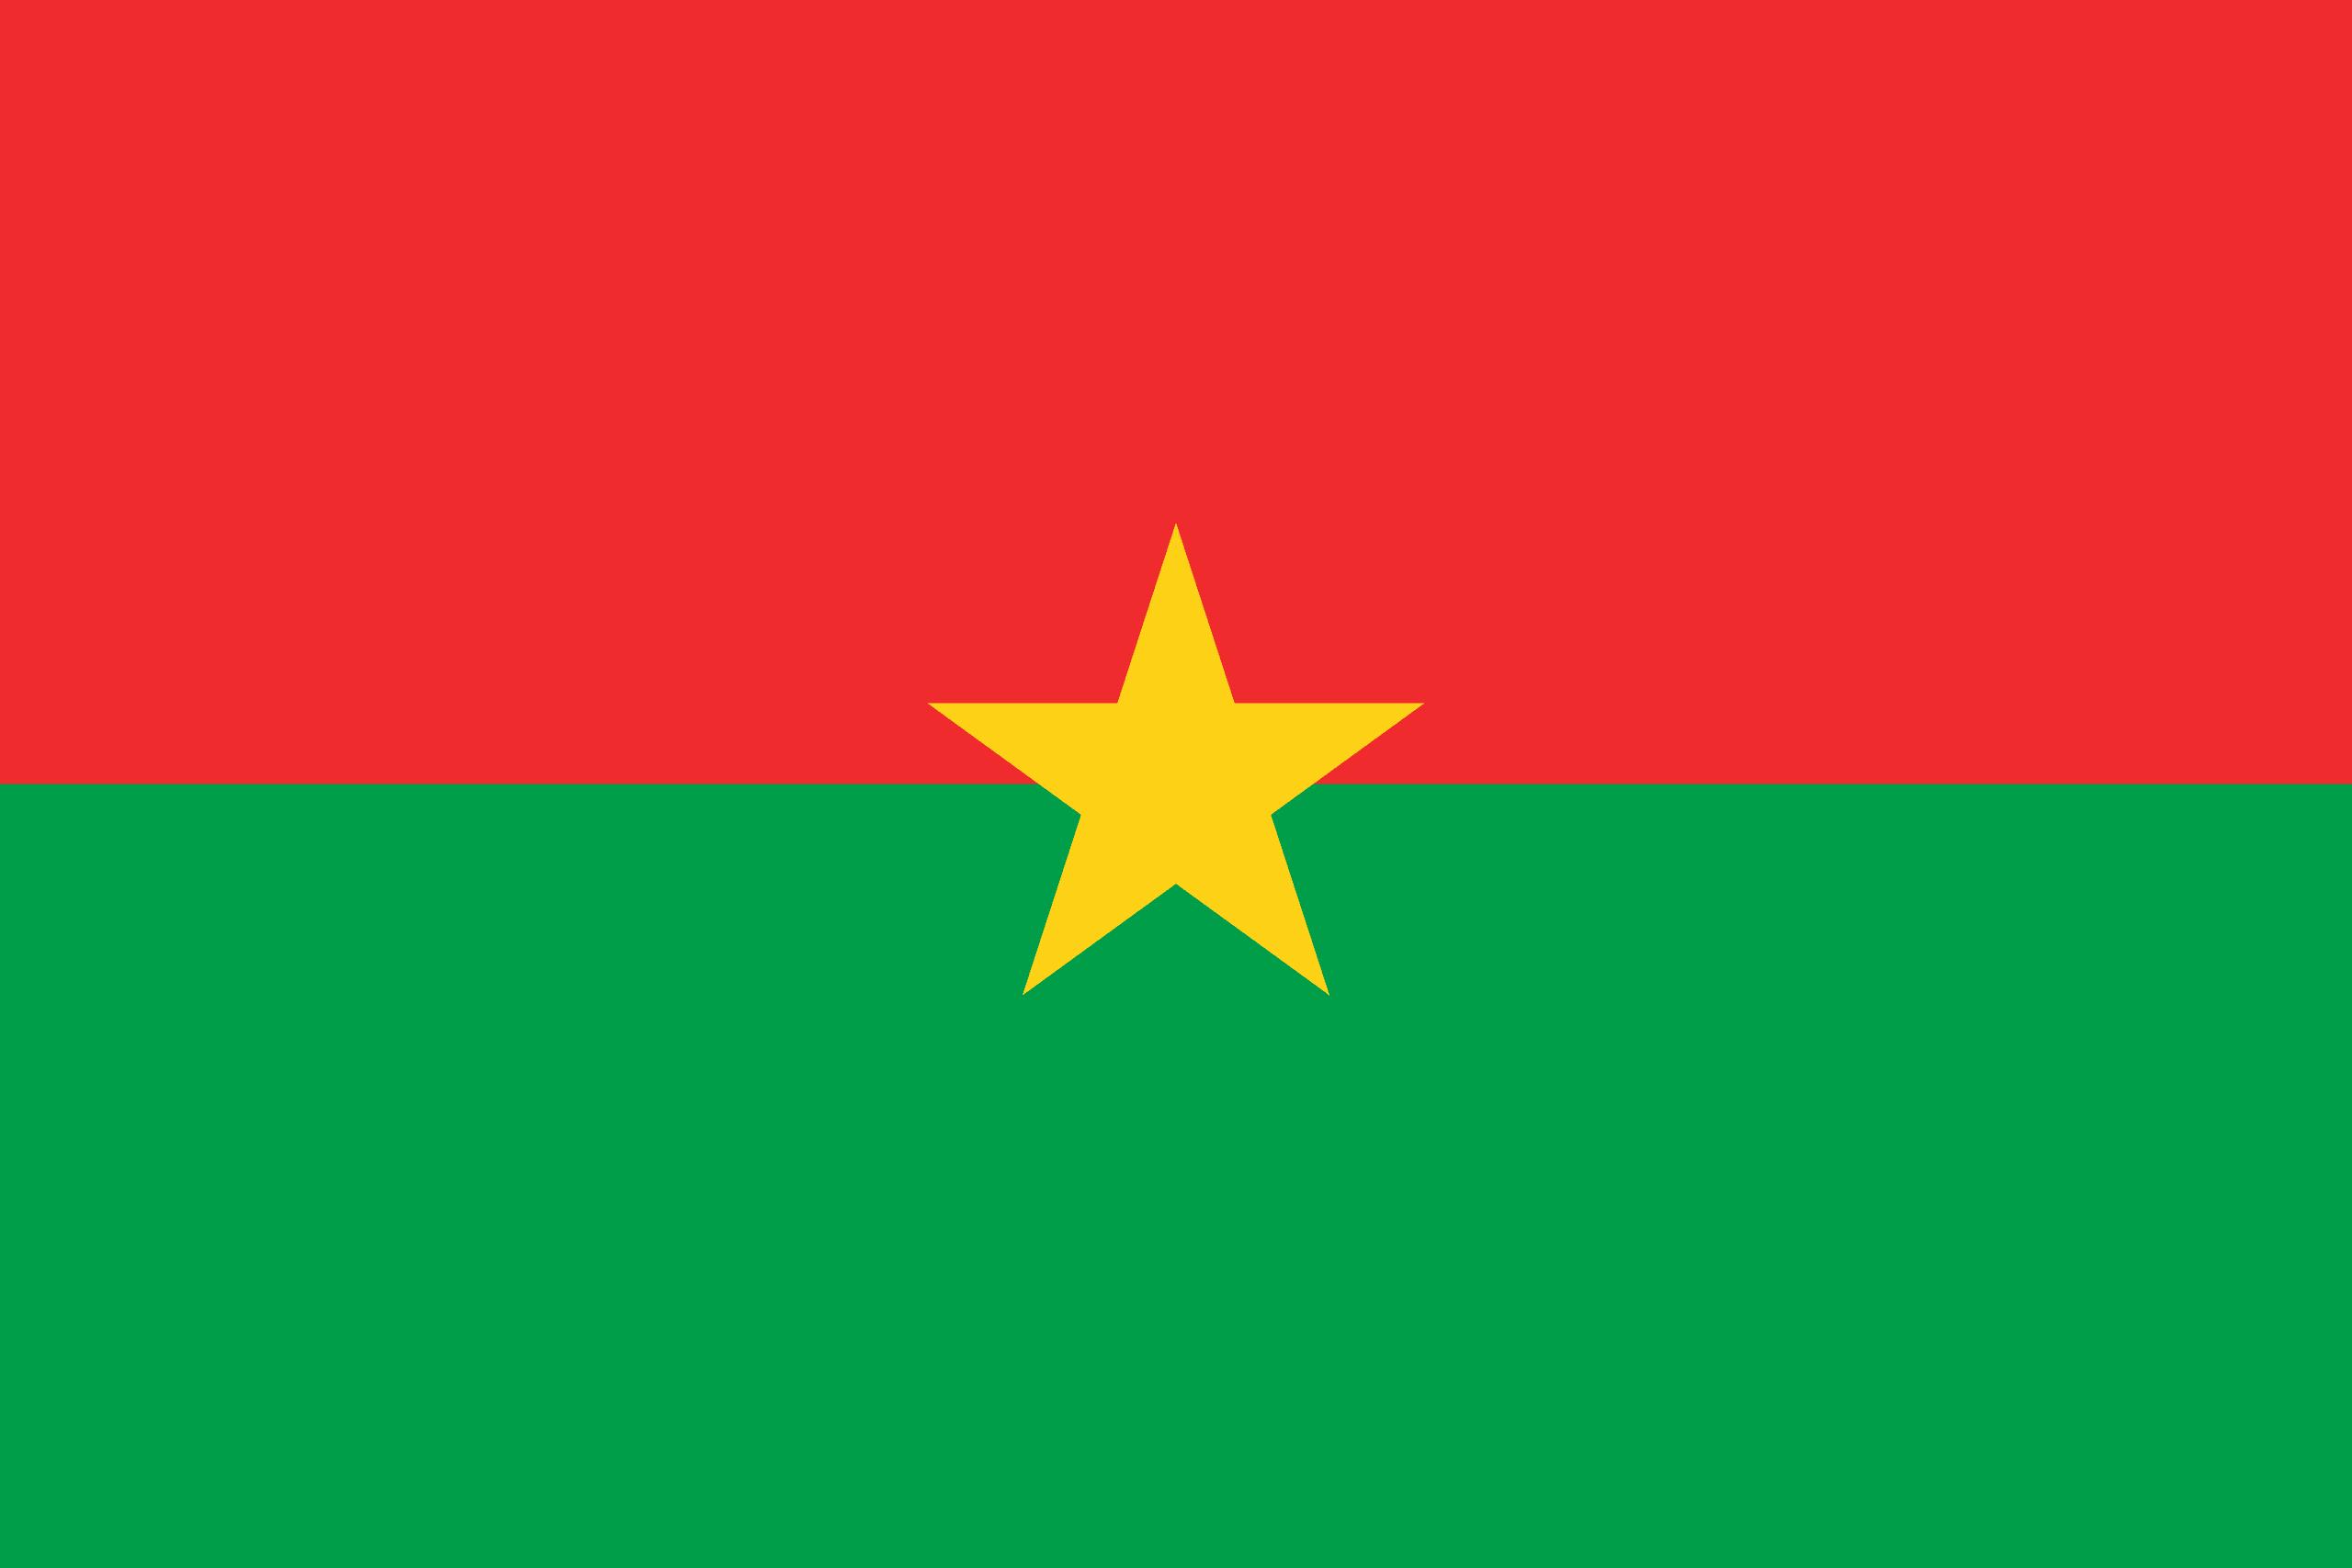 Σημαία Μπουρκίνα Φάσο